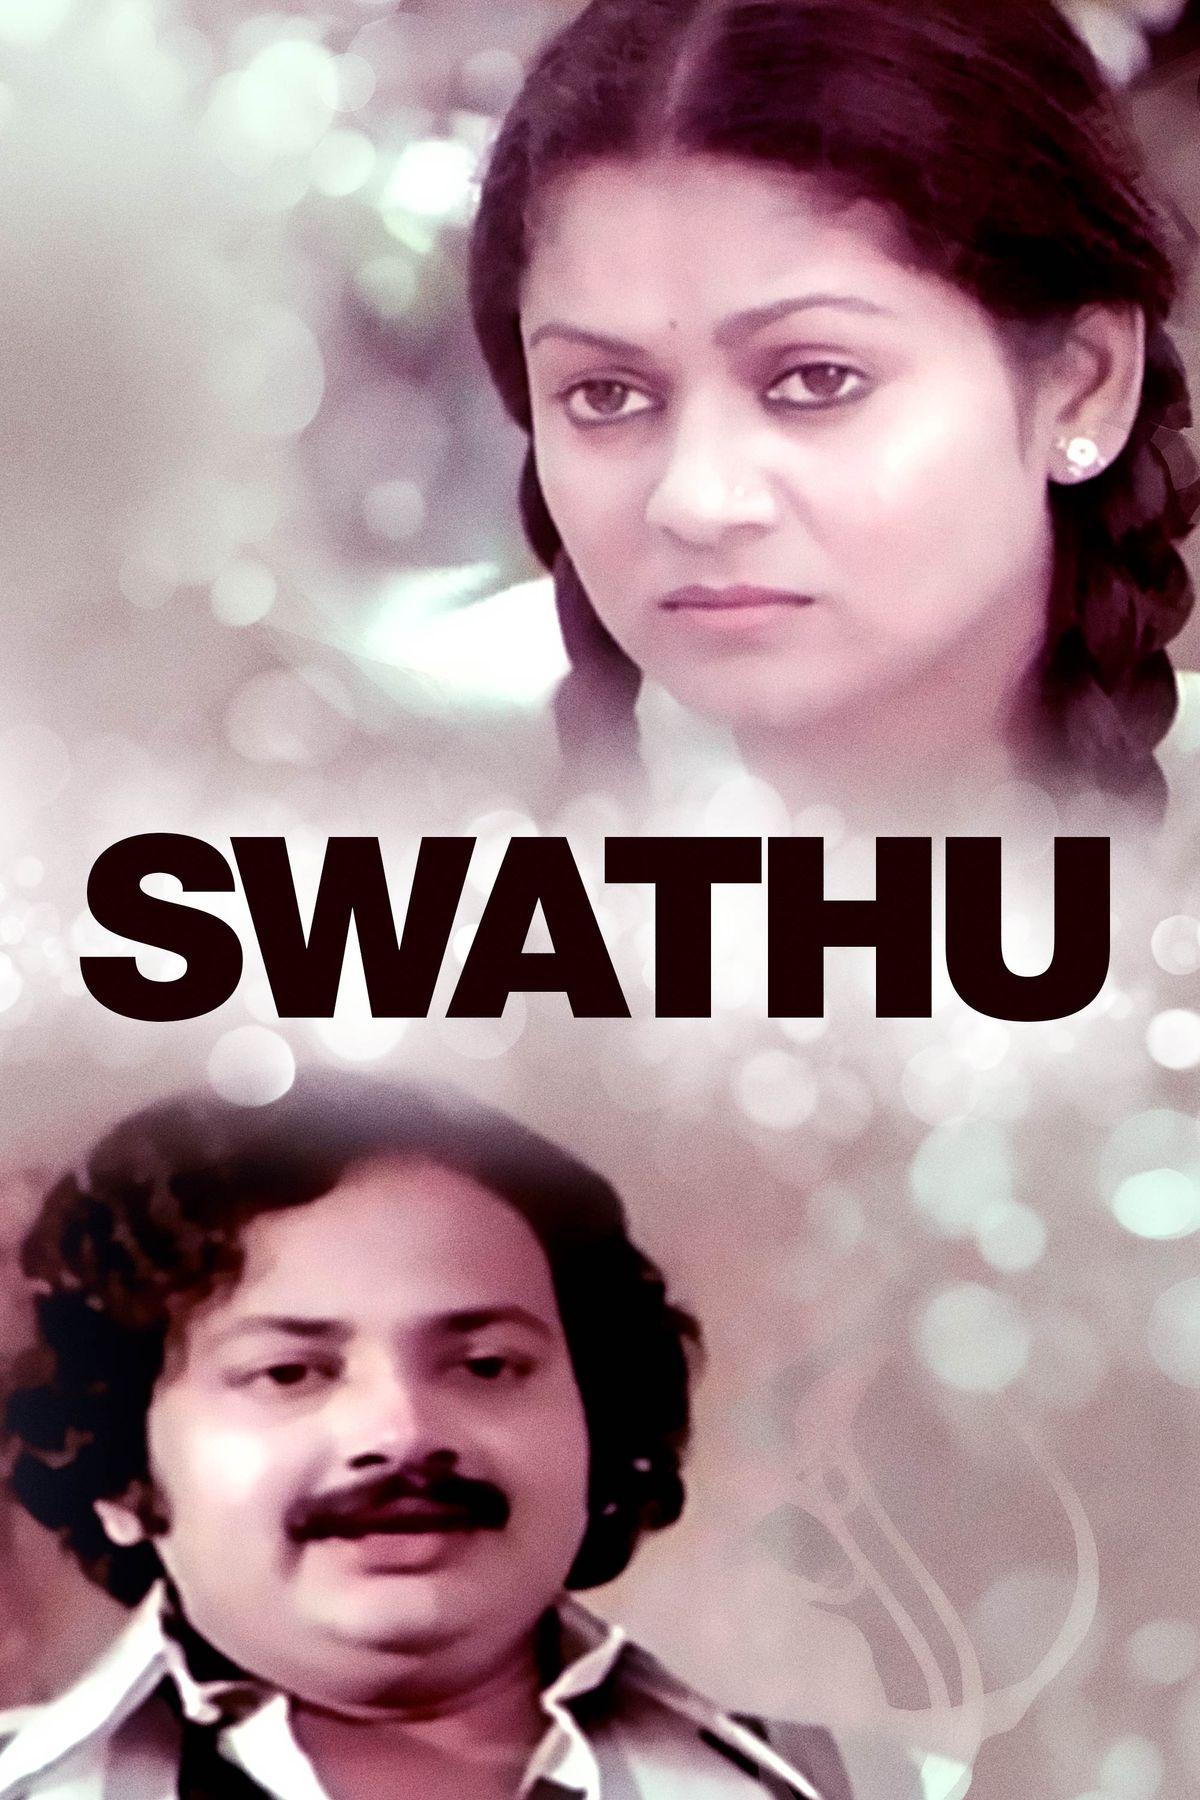 Swathu